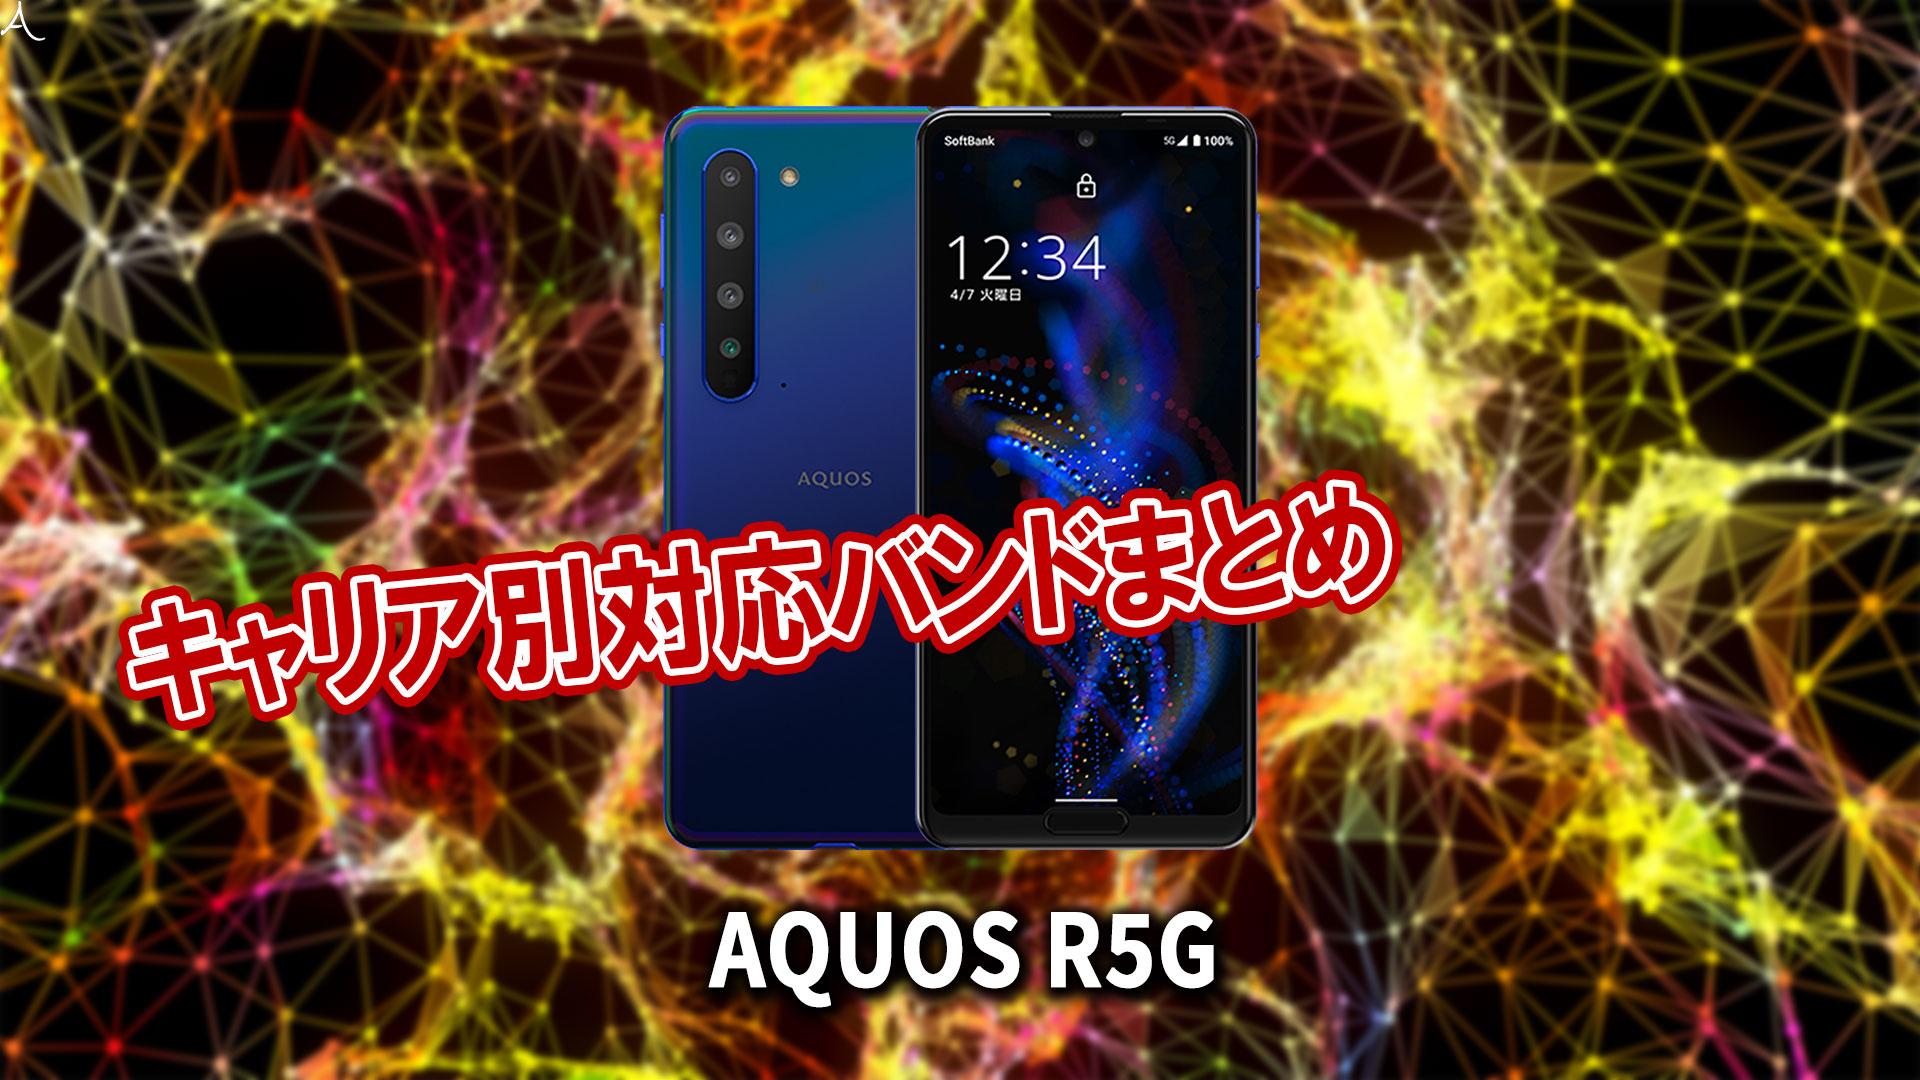 「AQUOS R5G」の4G/5G対応バンドまとめ - ミリ波には対応してる?